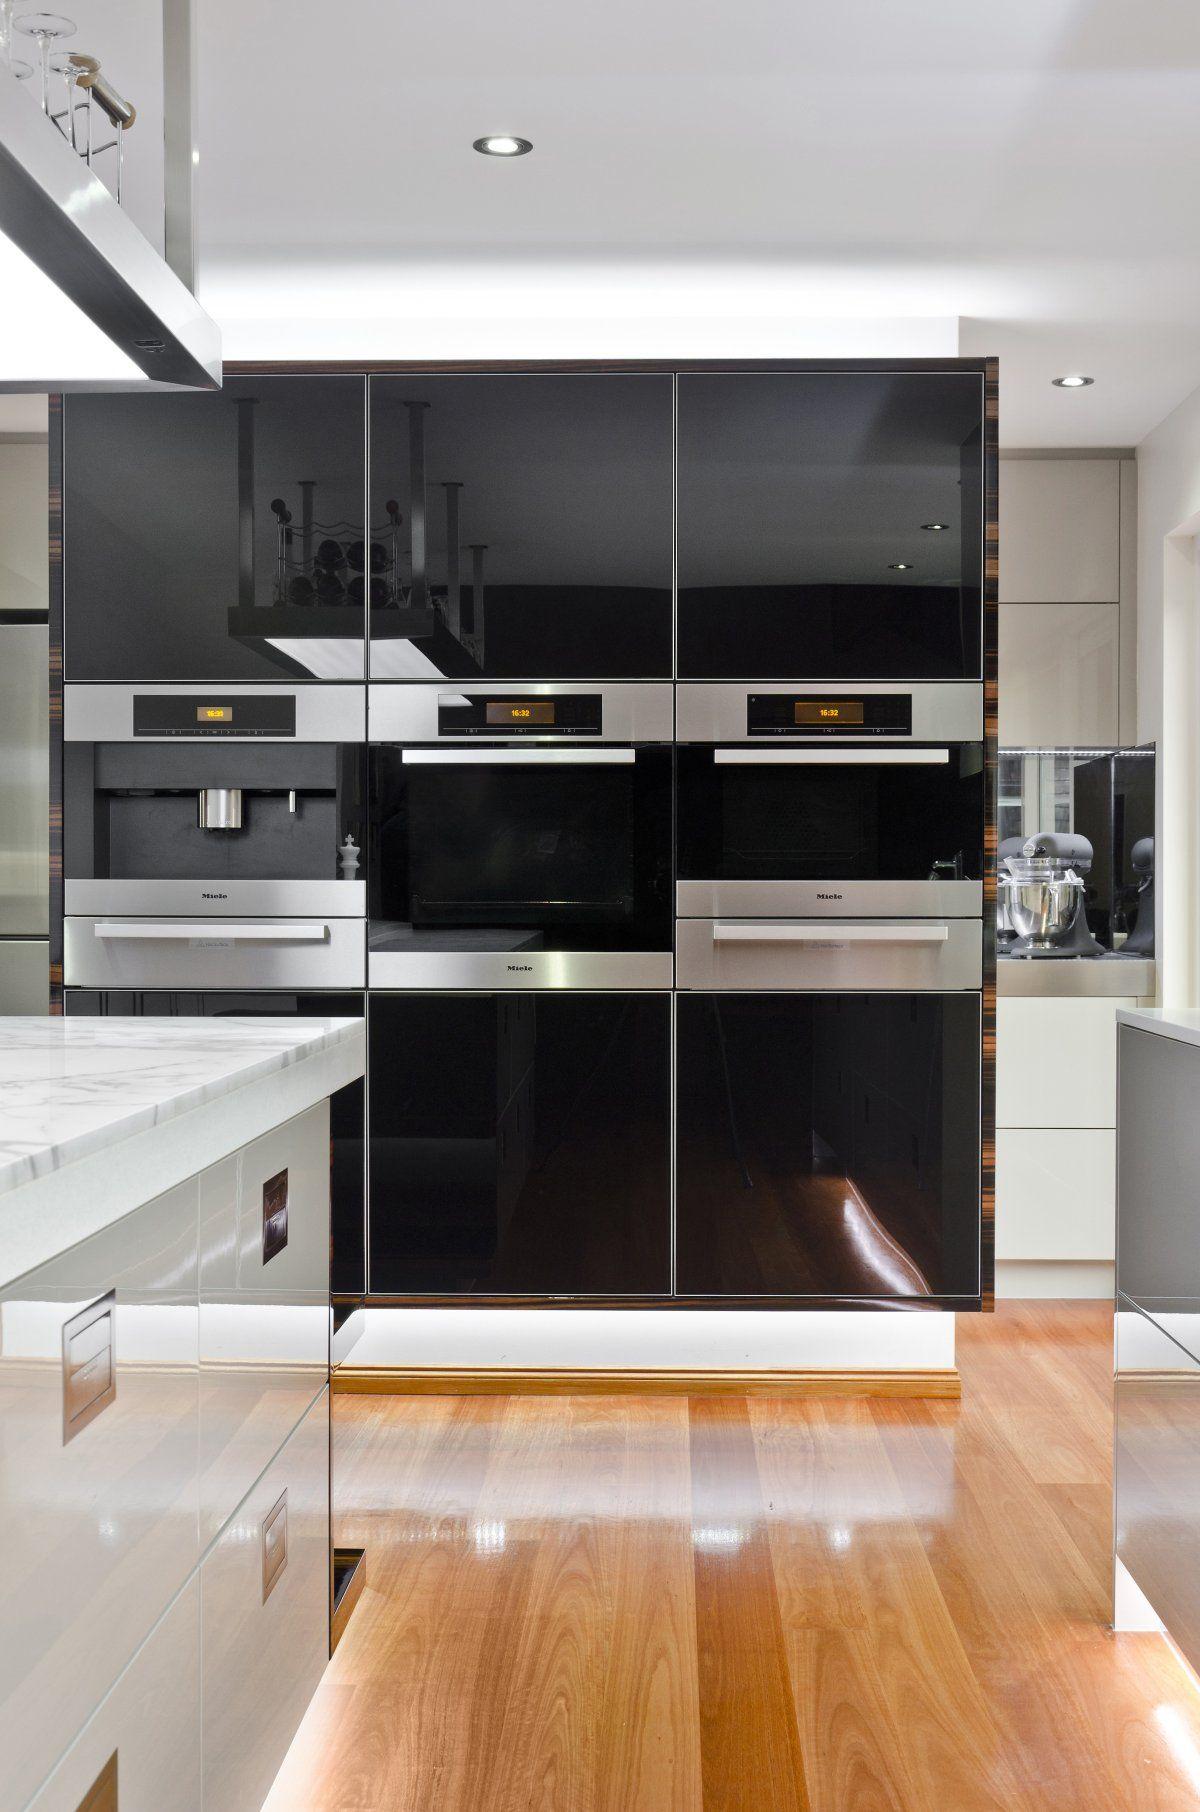 Gold Coast Kitchen by Darren James | Design: Kitchens | Pinterest ...